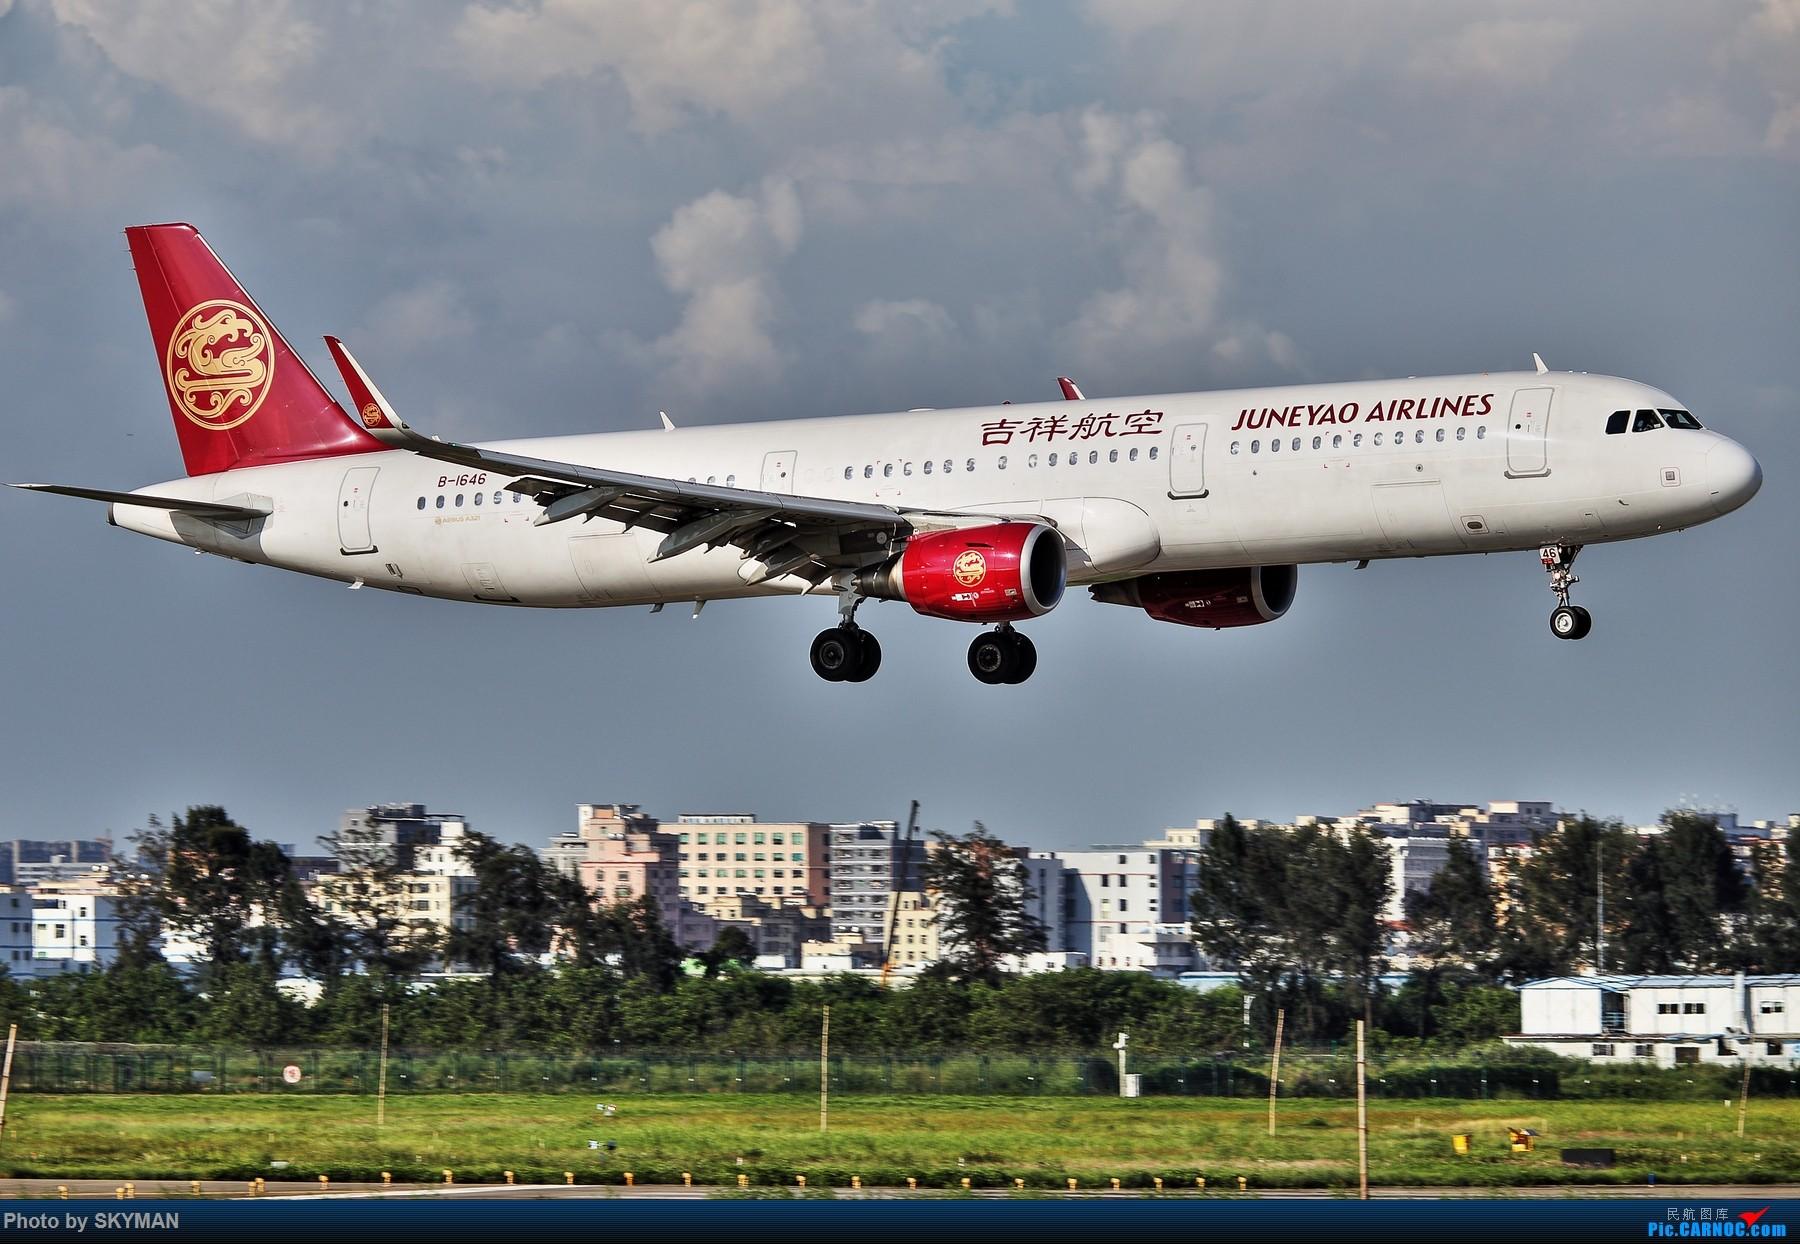 Re:[原创]BLDDQ 冒冒冒冒冒冒冒冒个泡泡泡泡泡泡泡泡泡 AIRBUS A321-200 B-1646 中国深圳宝安国际机场